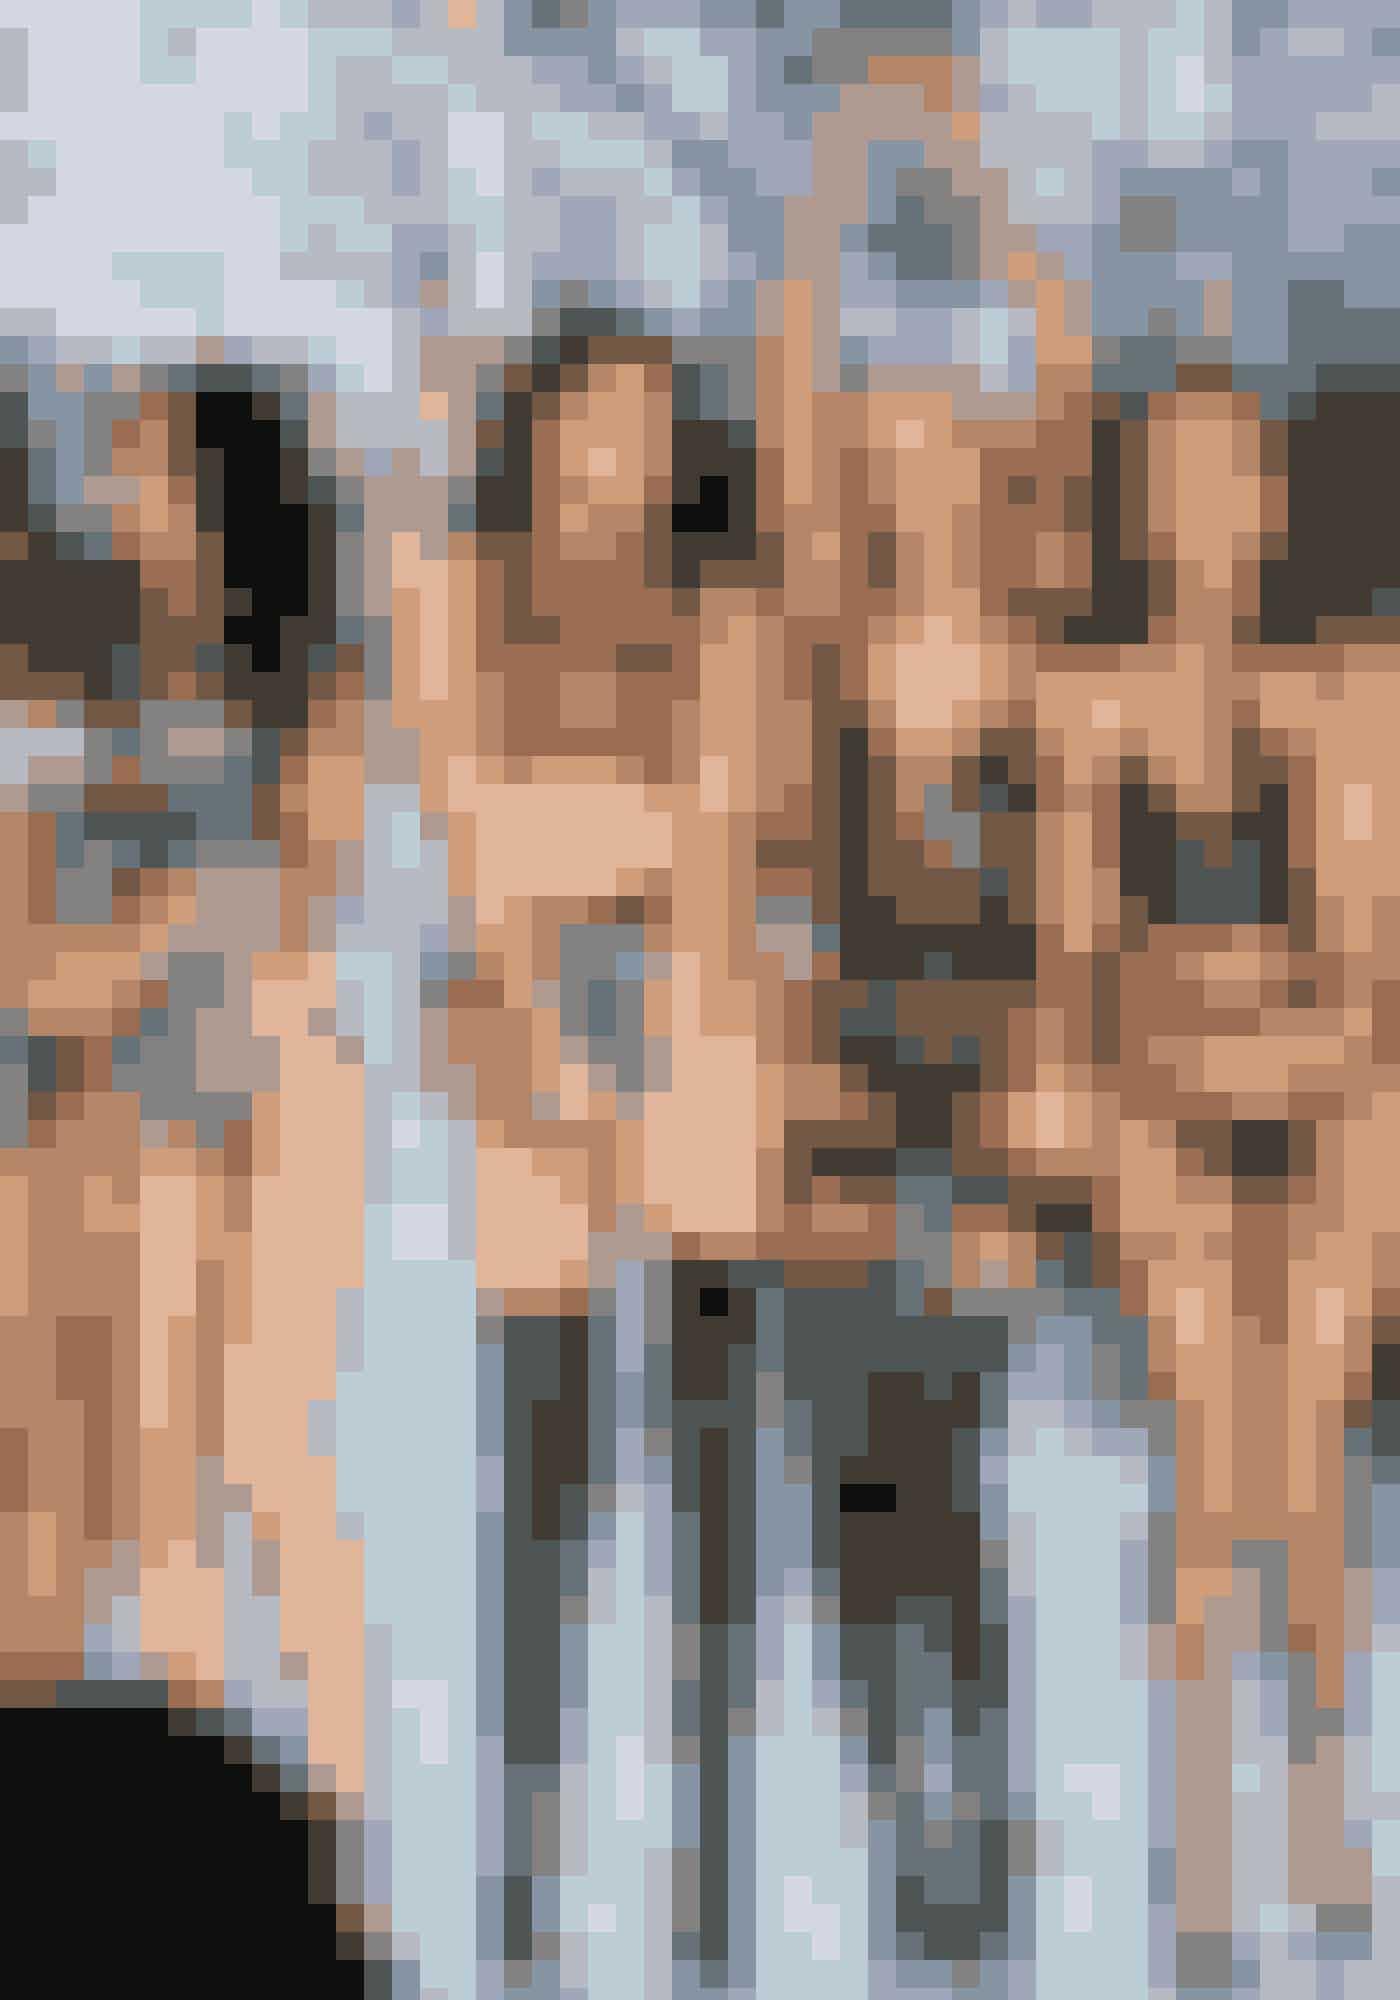 1977Manglen på lækkert og sexet undertøj til sin kone får amerikaneren Roy Raymond til at grundlægge Victoria's Secret – opkaldt efter dronning Victoria for at bringe associationer til, hvad der var under kjolerne i den victorianske tid. I dag er lingeribrandet et imperium med nogle af verdens bedst betalte modeller – de såkaldte 'Angels' – bl.a. danske Josephine Skriver.